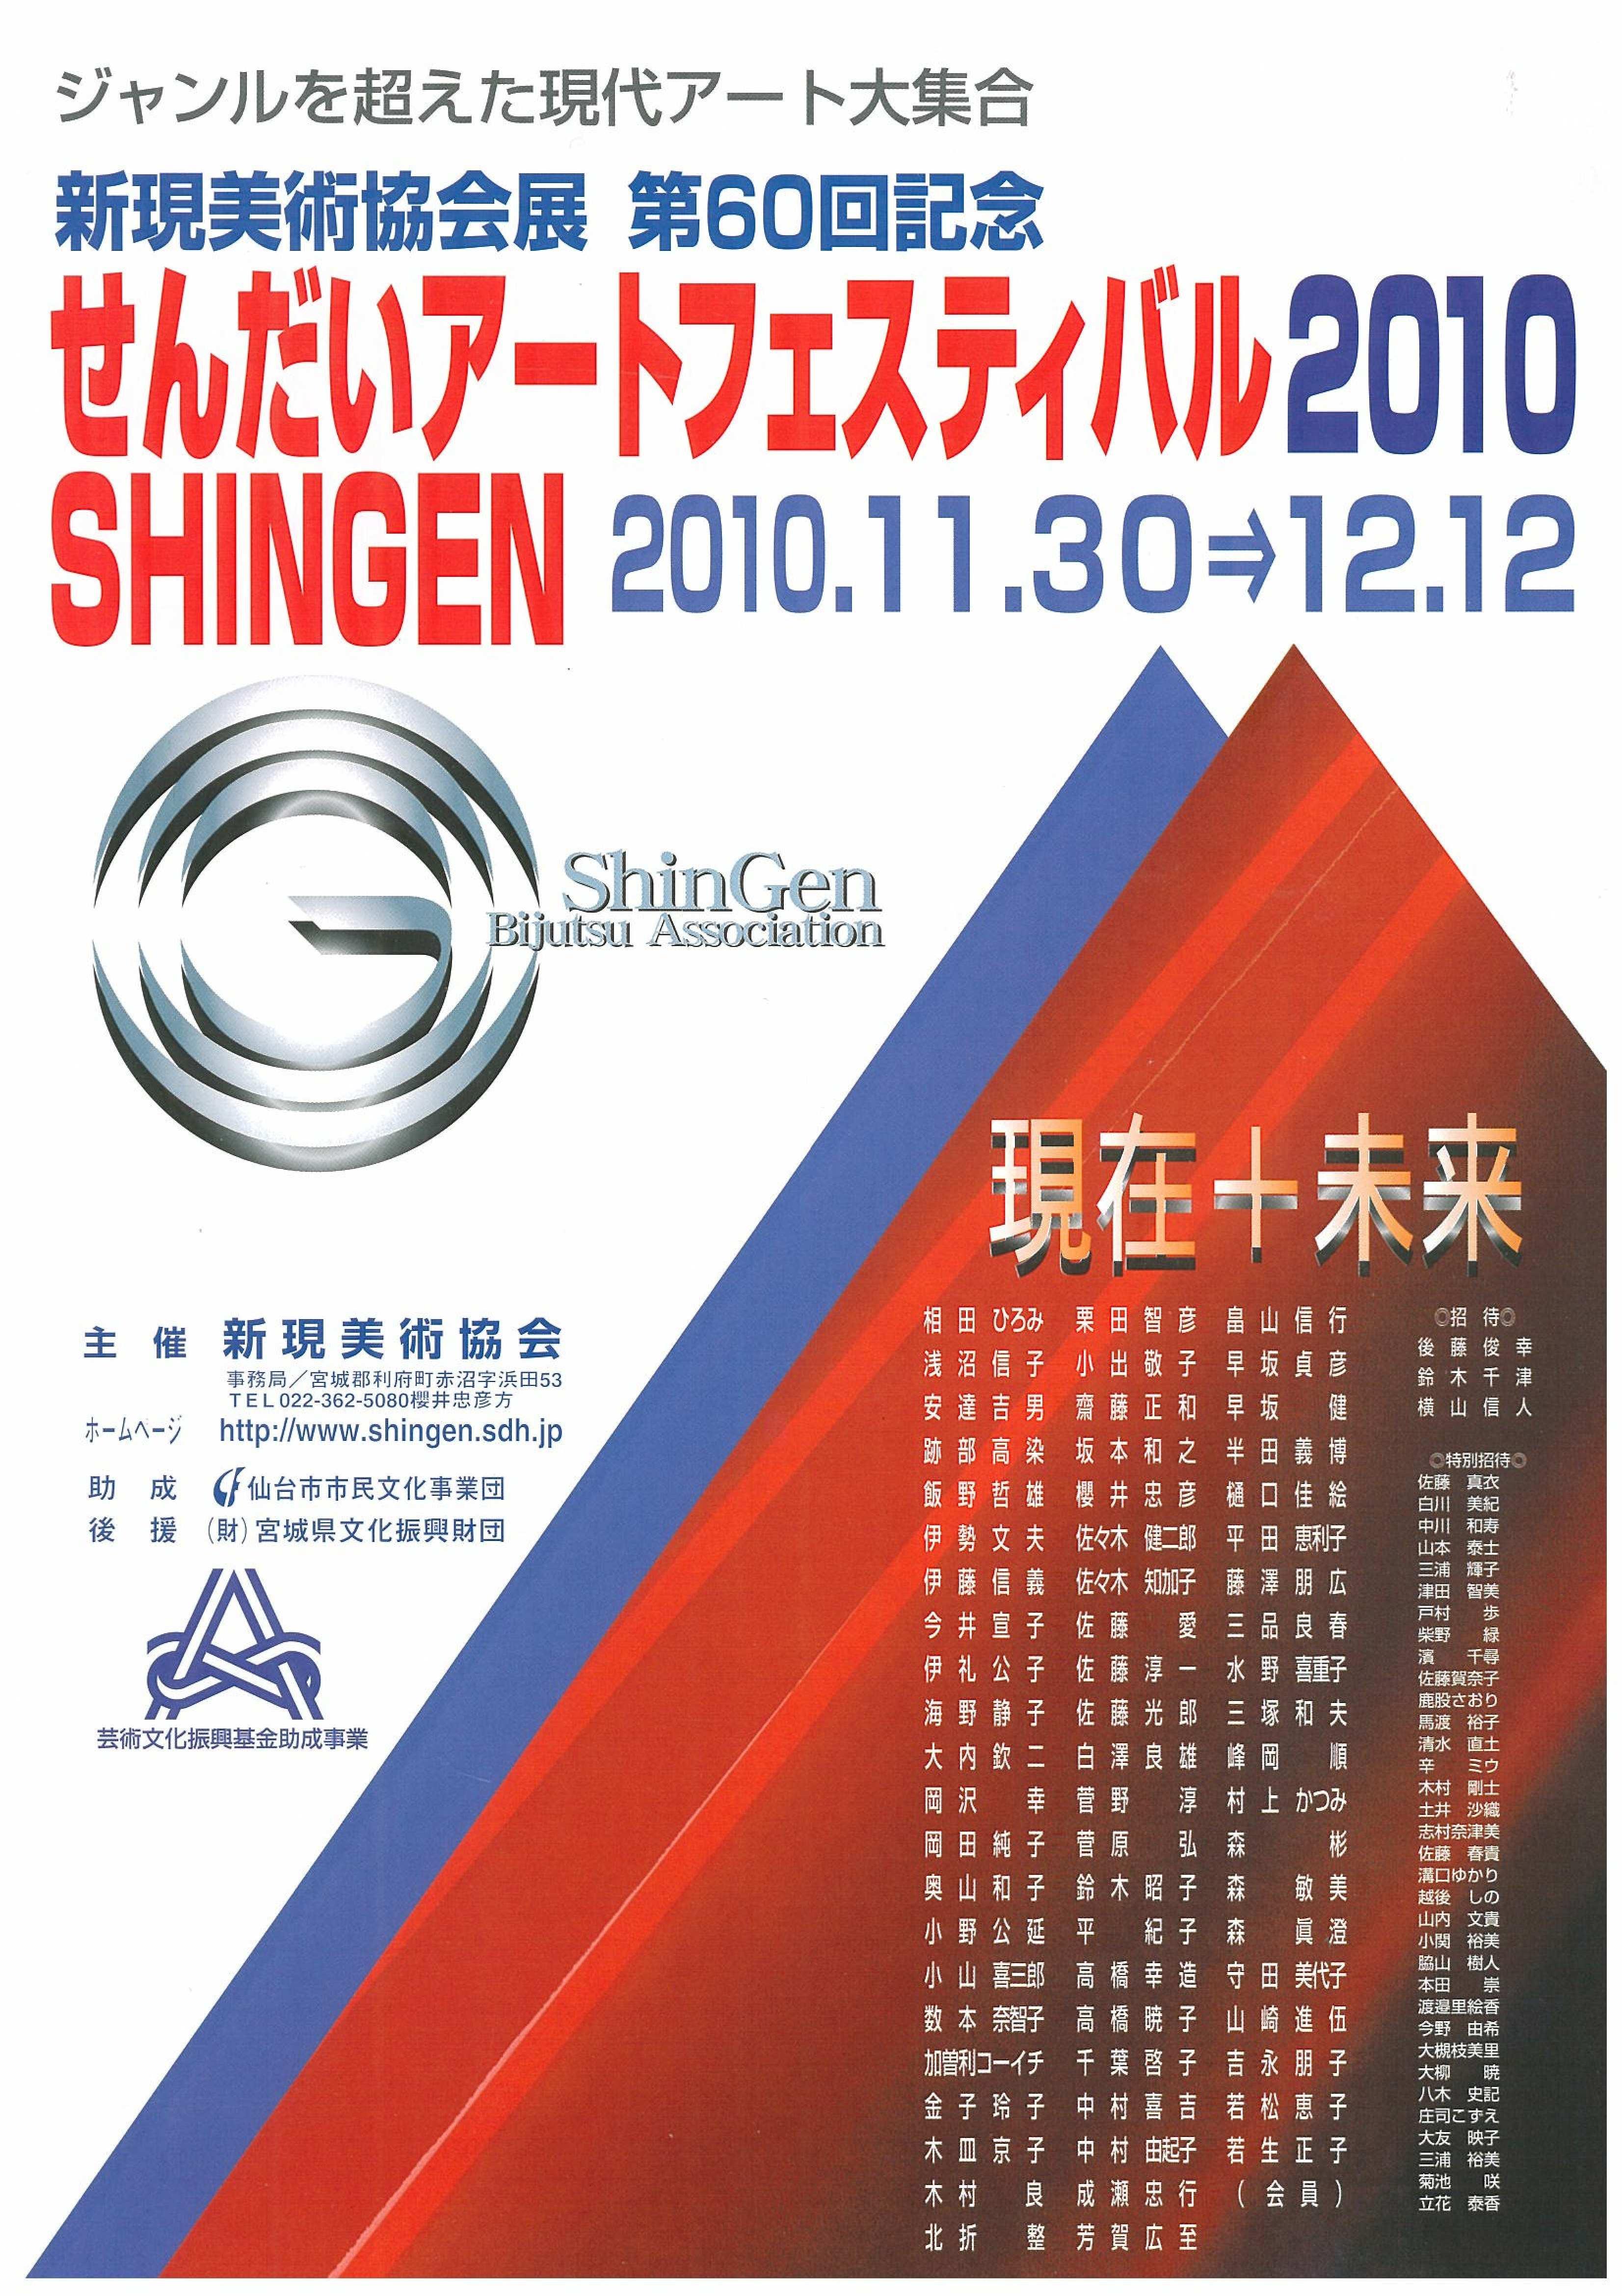 http://www.kameimuseum.or.jp/topics/2010/11/13/%E6%96%B0%E7%8F%BE%E7%BE%8E%E3%83%81%E3%83%A9%E3%82%B7.jpg